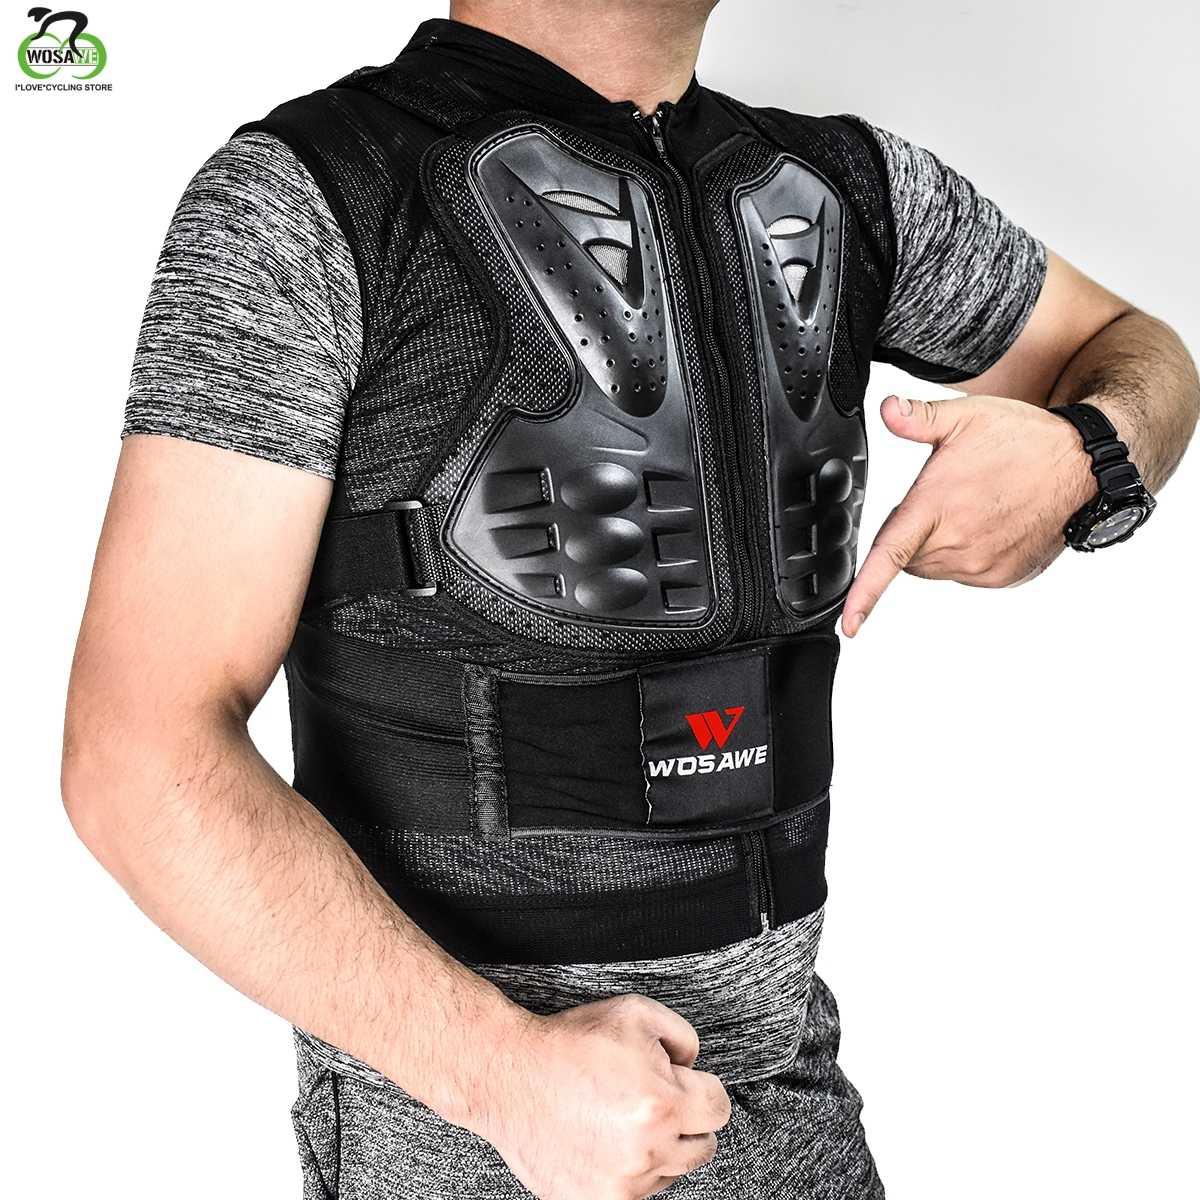 WOSAWE защитный жилет без рукавов с опорой на спине, EVA подкладка для сноубординга, катания на лыжах, спортивные защитные куртки, защита для велоспорта, ветровка